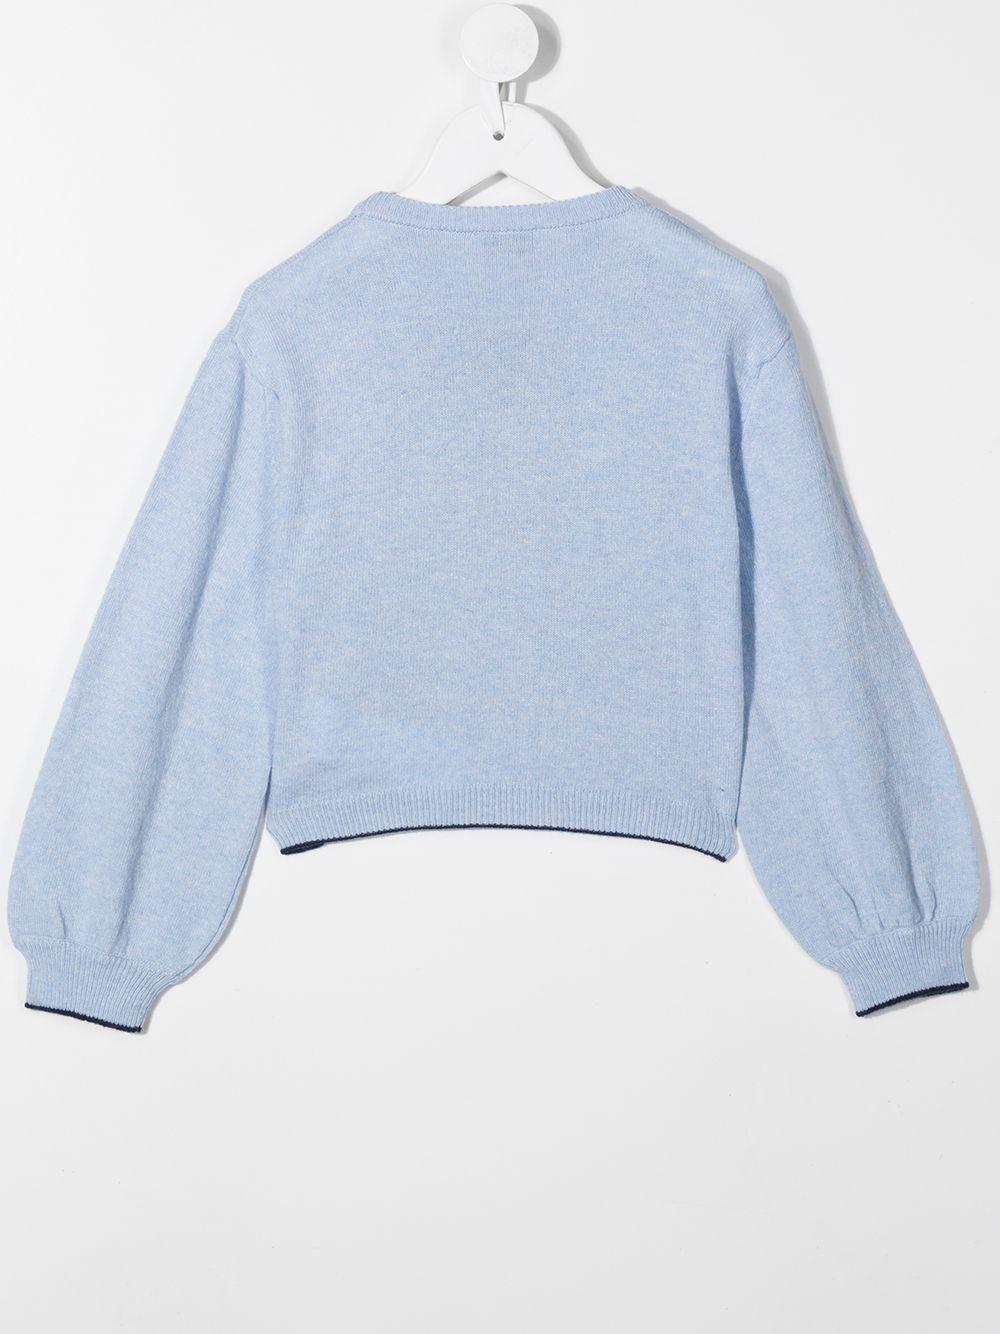 Sweater Monnalisa  MONNALISA | 1 | 19660760275256